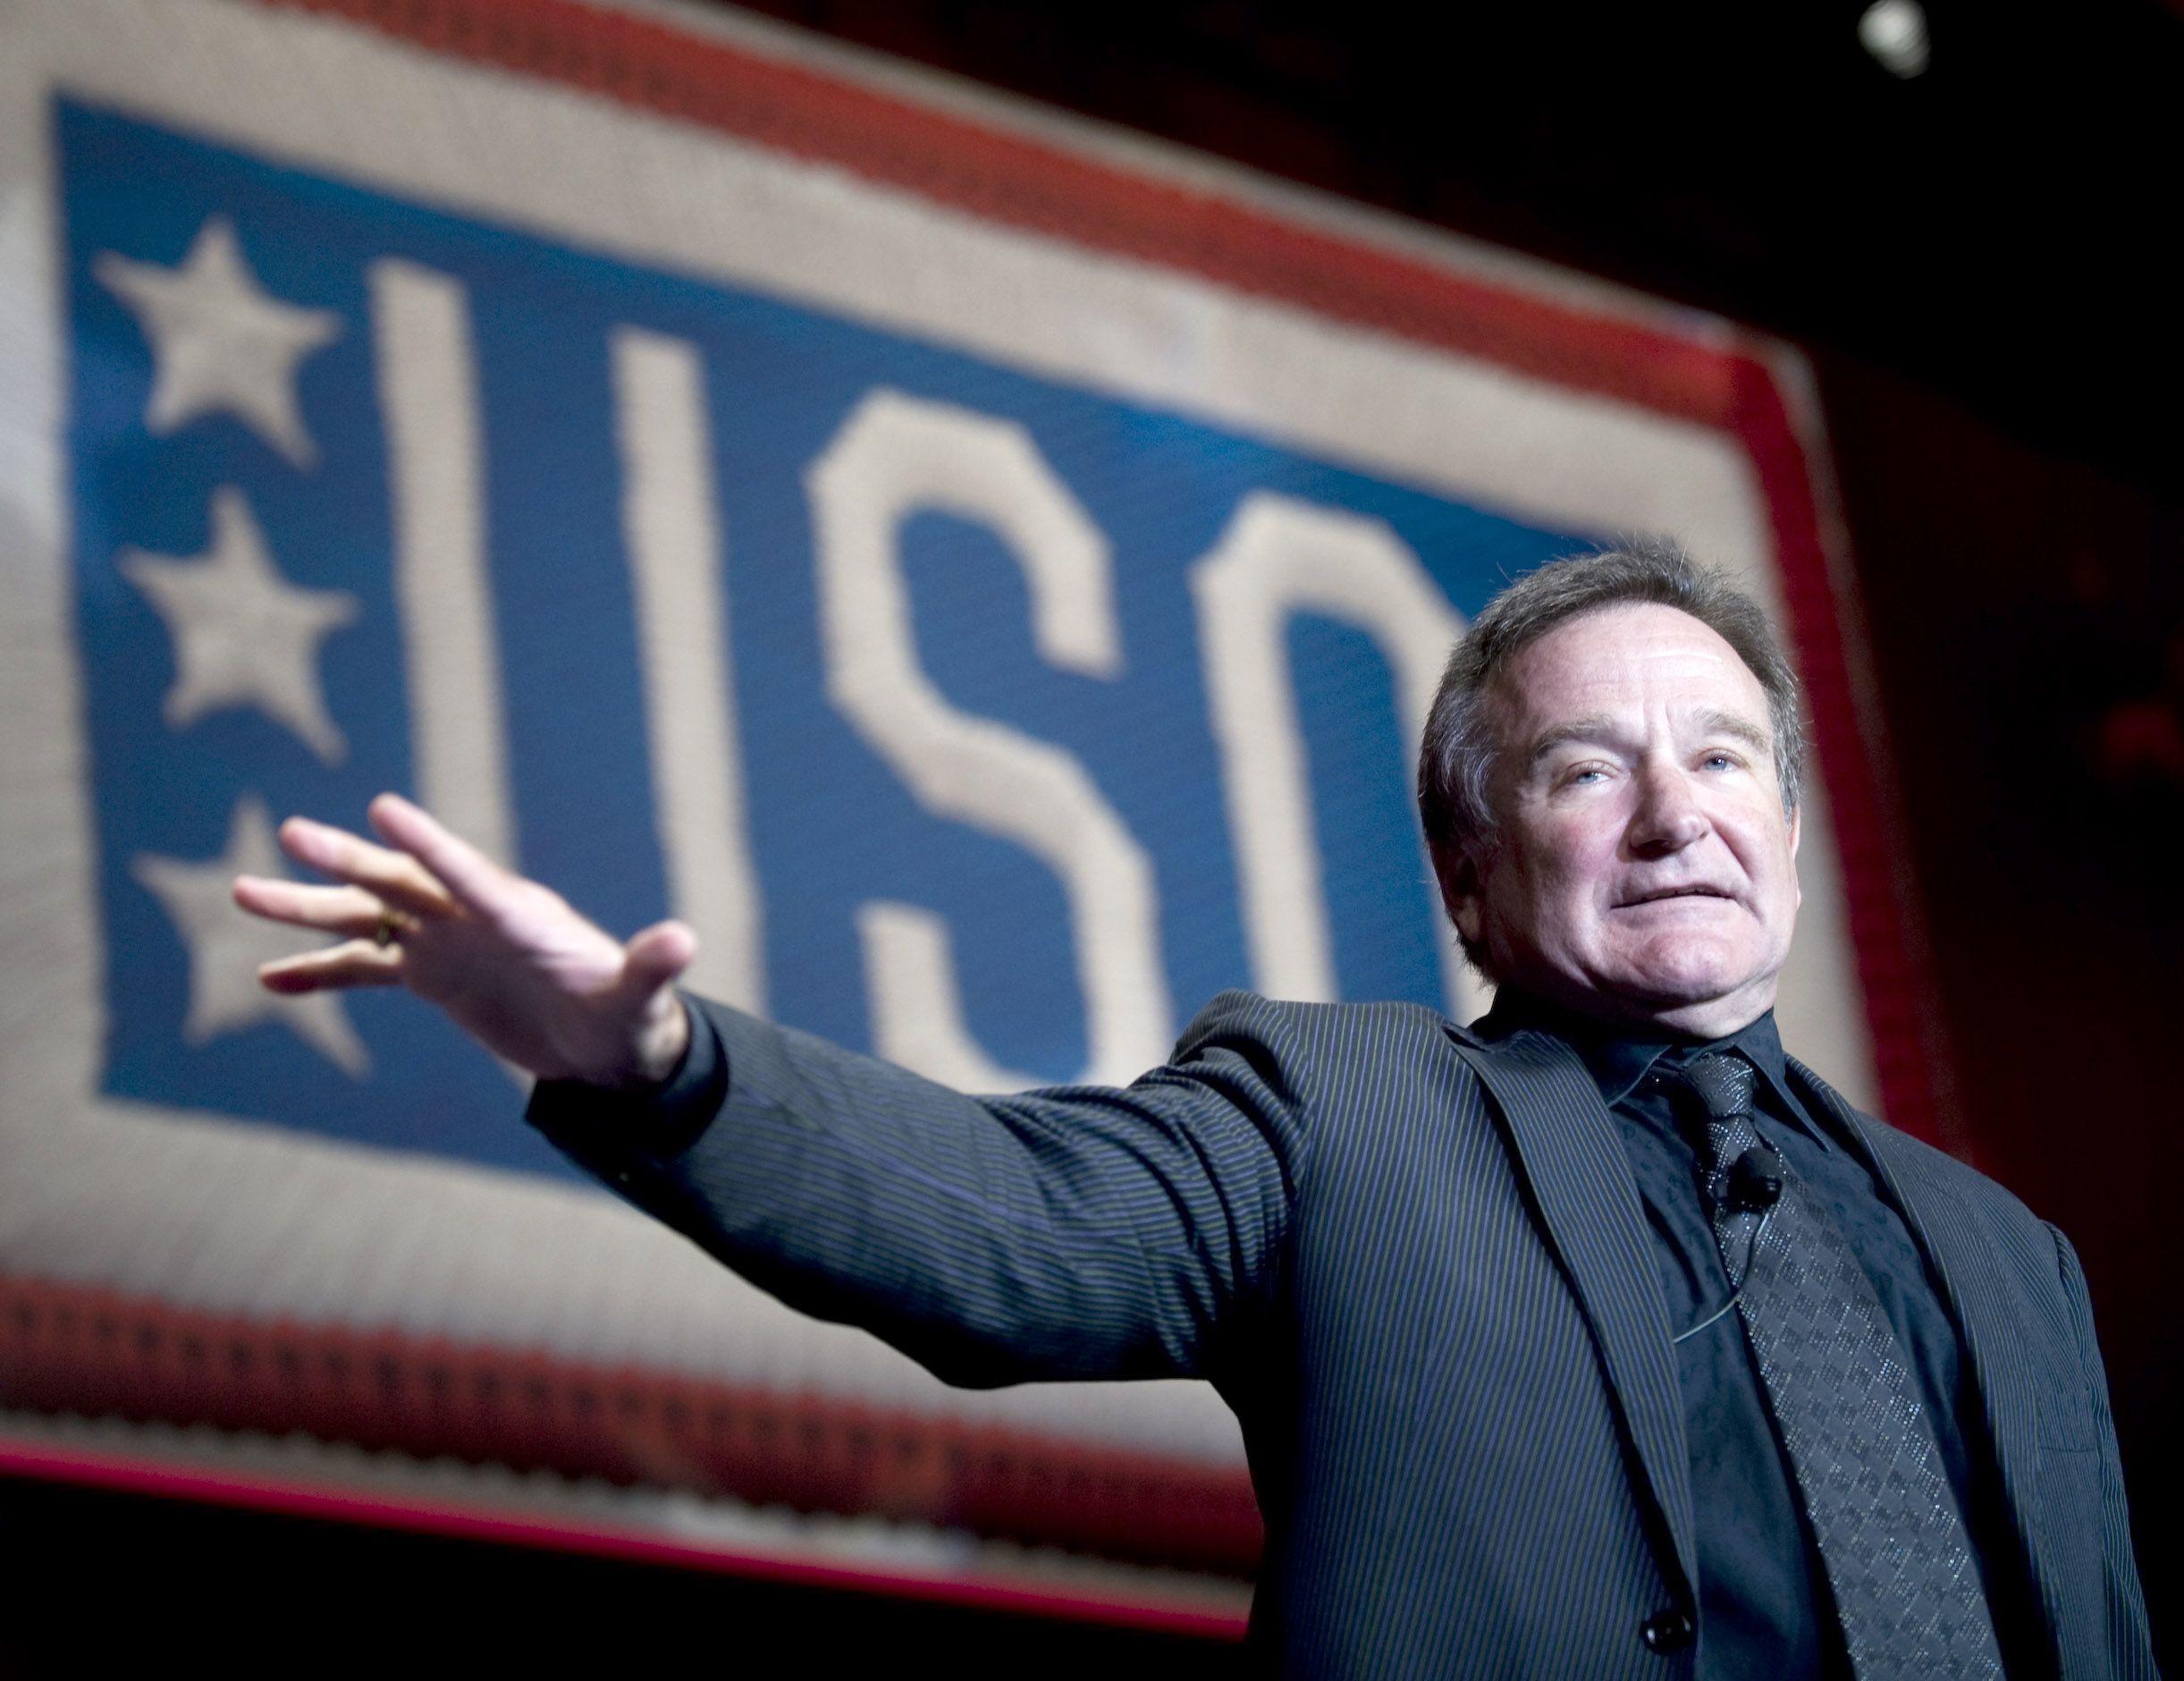 Robin Williams Death Prevents Use Of His Voice For Future Aladdin